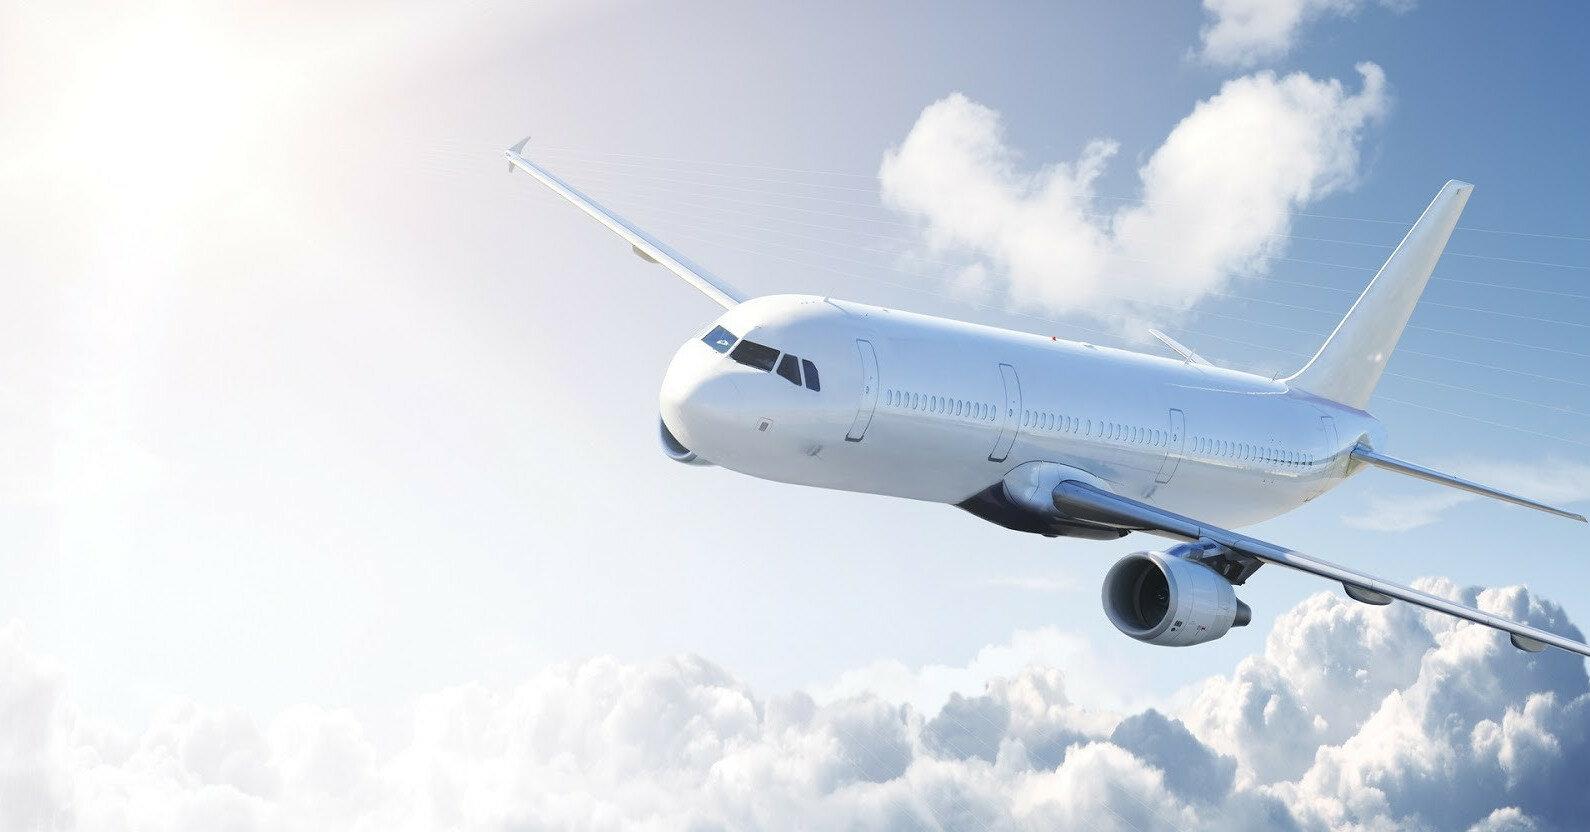 Немецкий лоукостер запустит рейсы из Дюссельдорфа в Киев